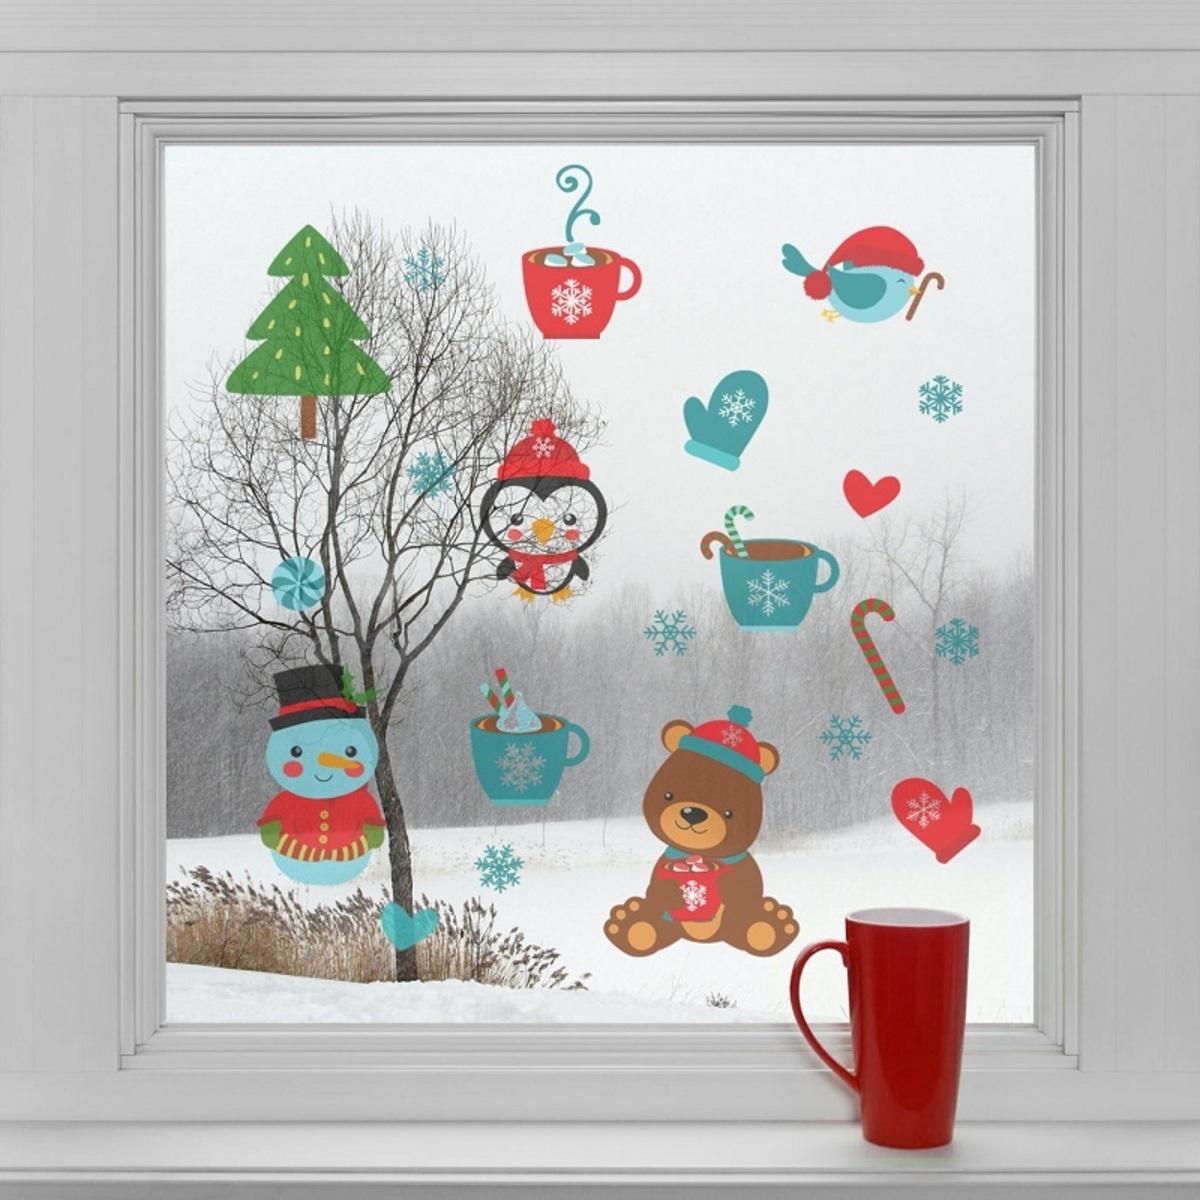 Vianočná dekorácia na okno - vianočná pohoda Vianočné